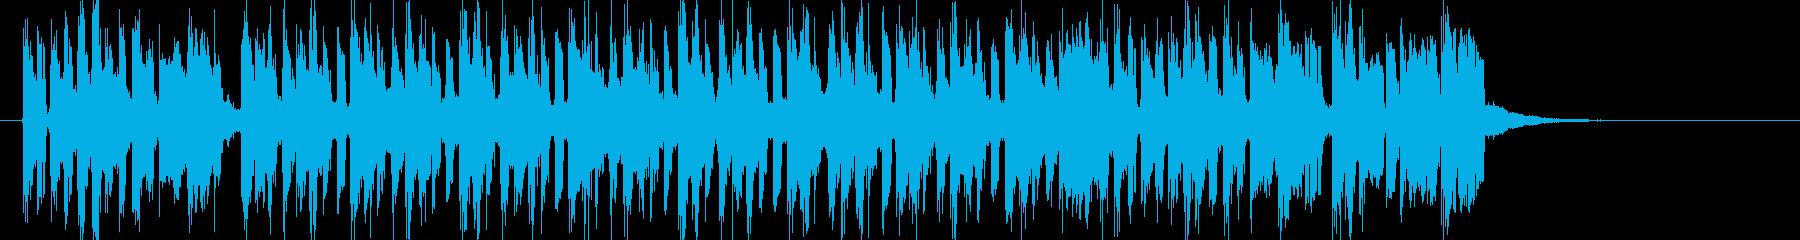 軽快でキャッチーなシンセジングルの再生済みの波形